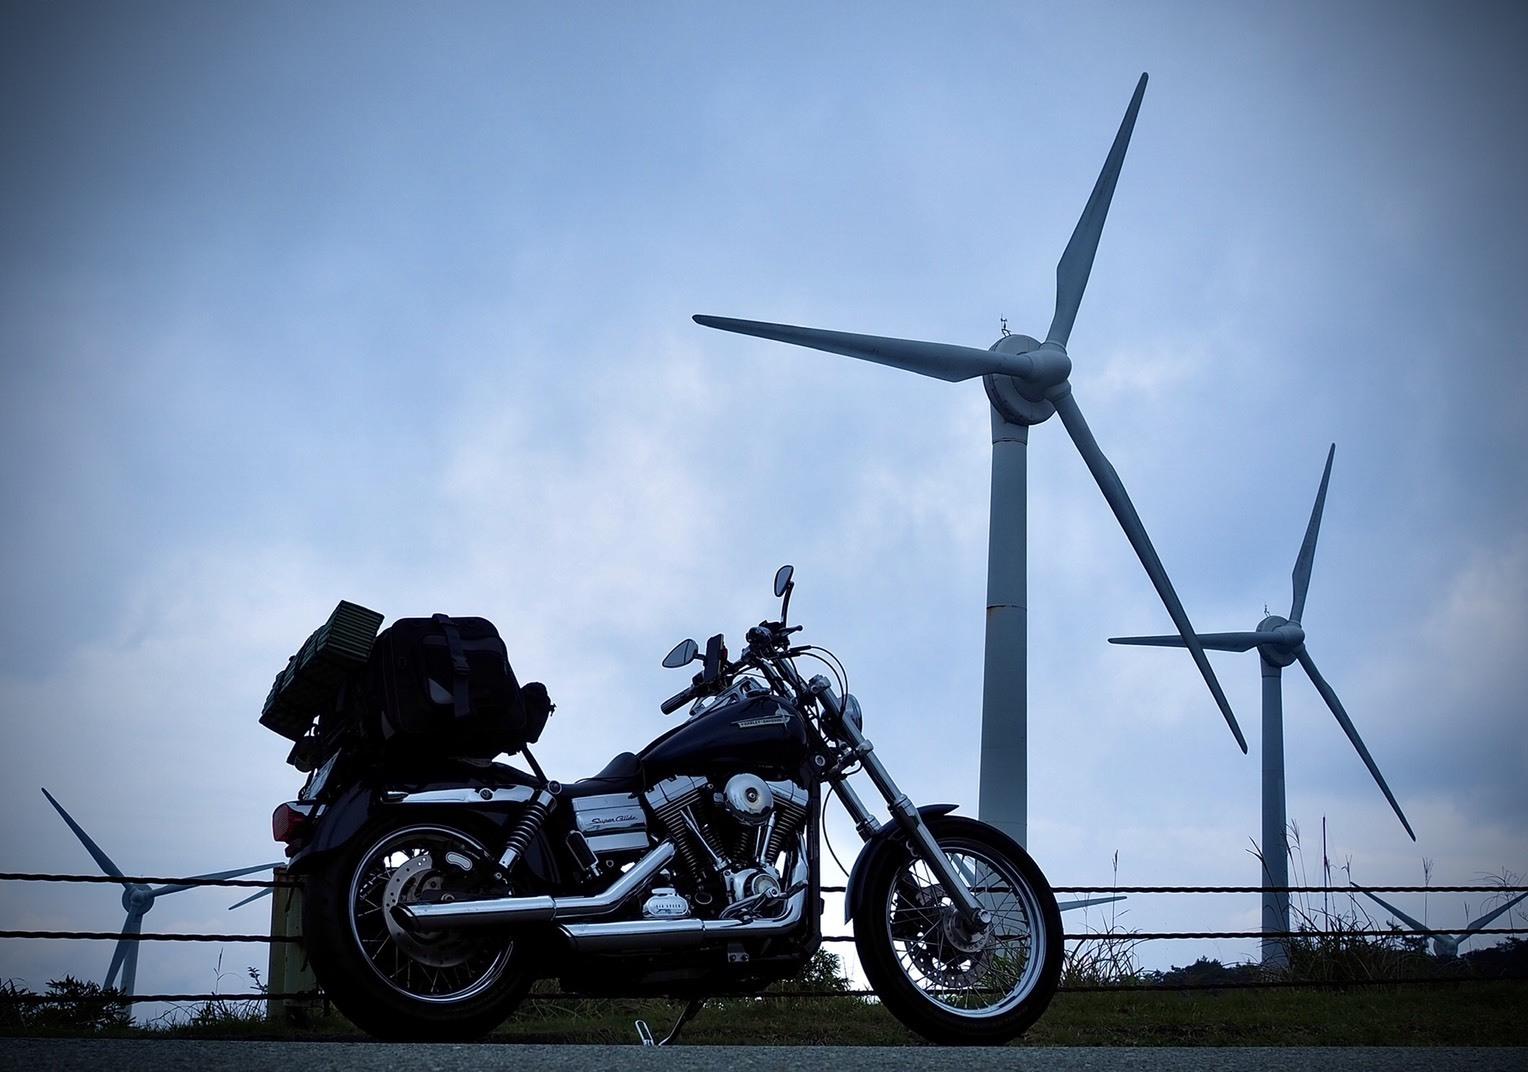 ぴーきちハーレーブログ 青山高原 風力発電 インスタ映え スポット 不気味なアングル